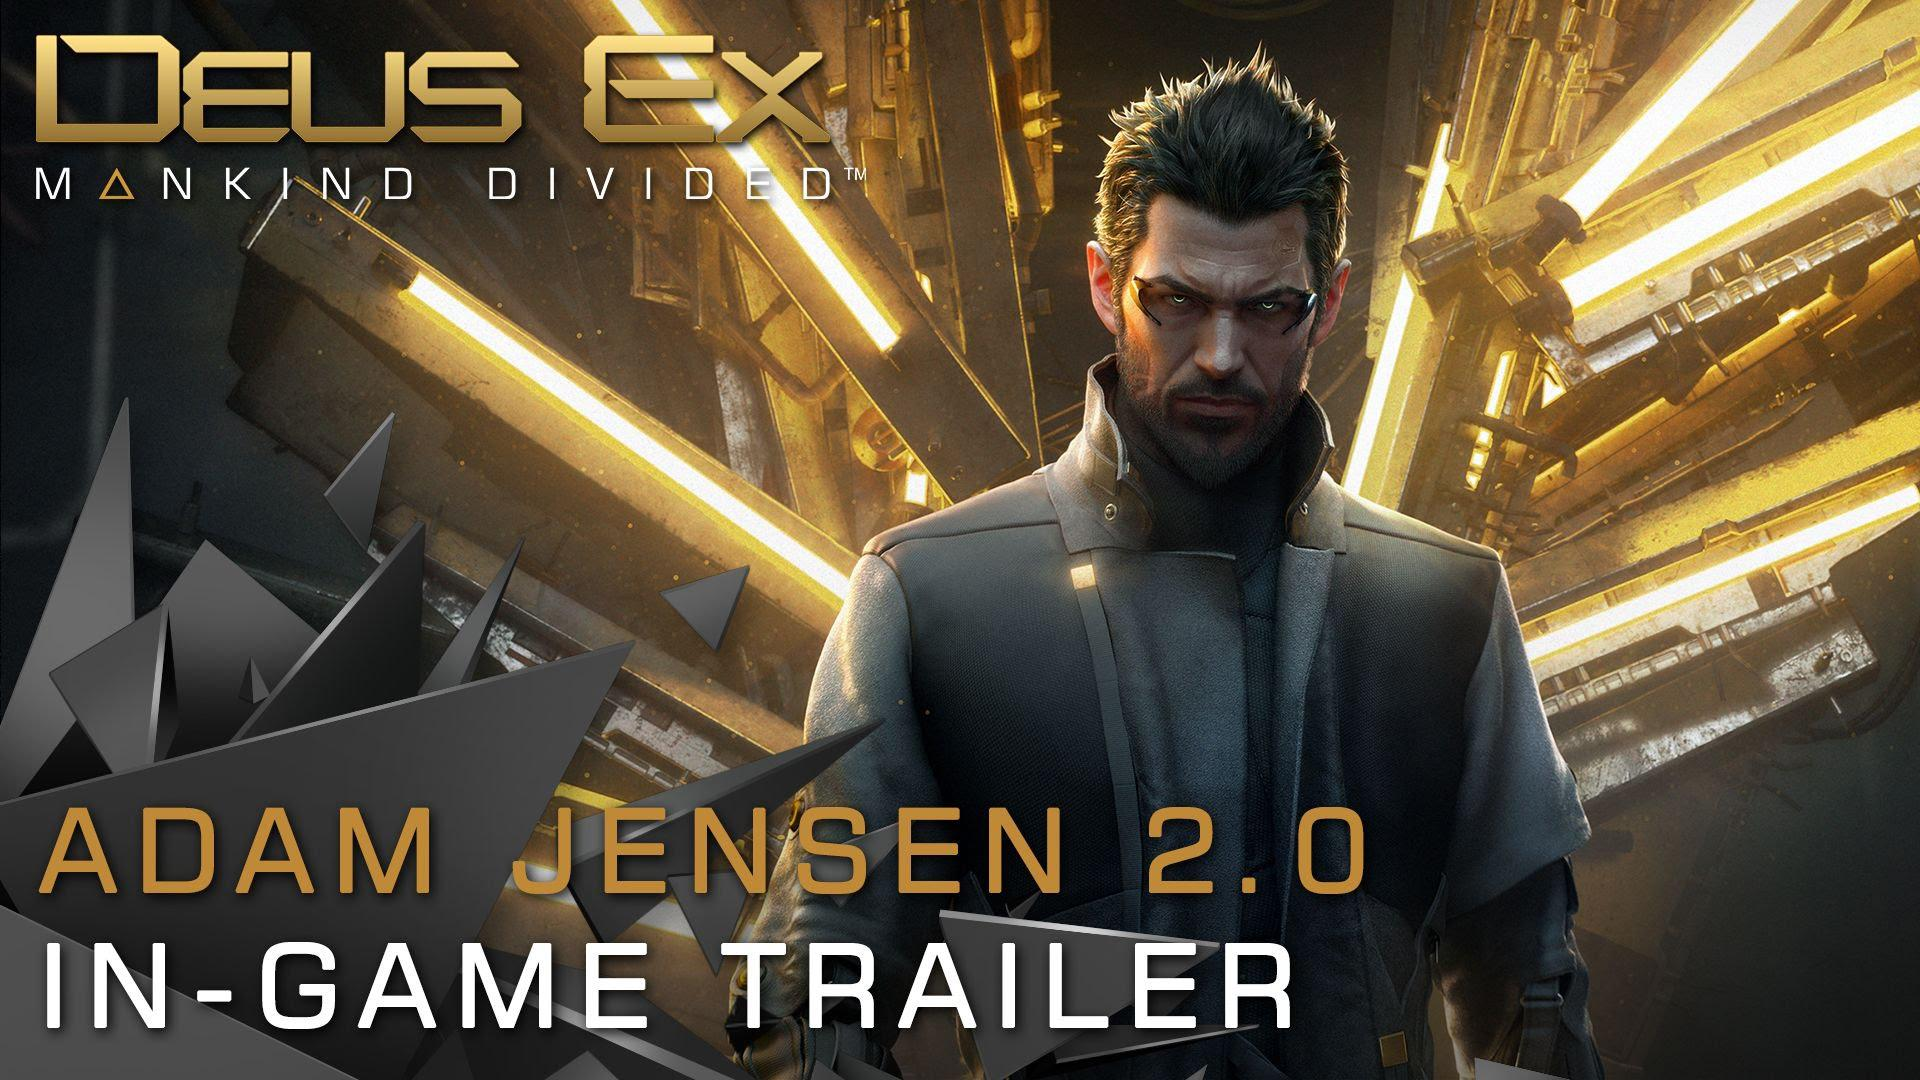 Deus Ex: Mankind Divided îl prezintă pe Adam Jensen 2.0, următorul pas în evoluție